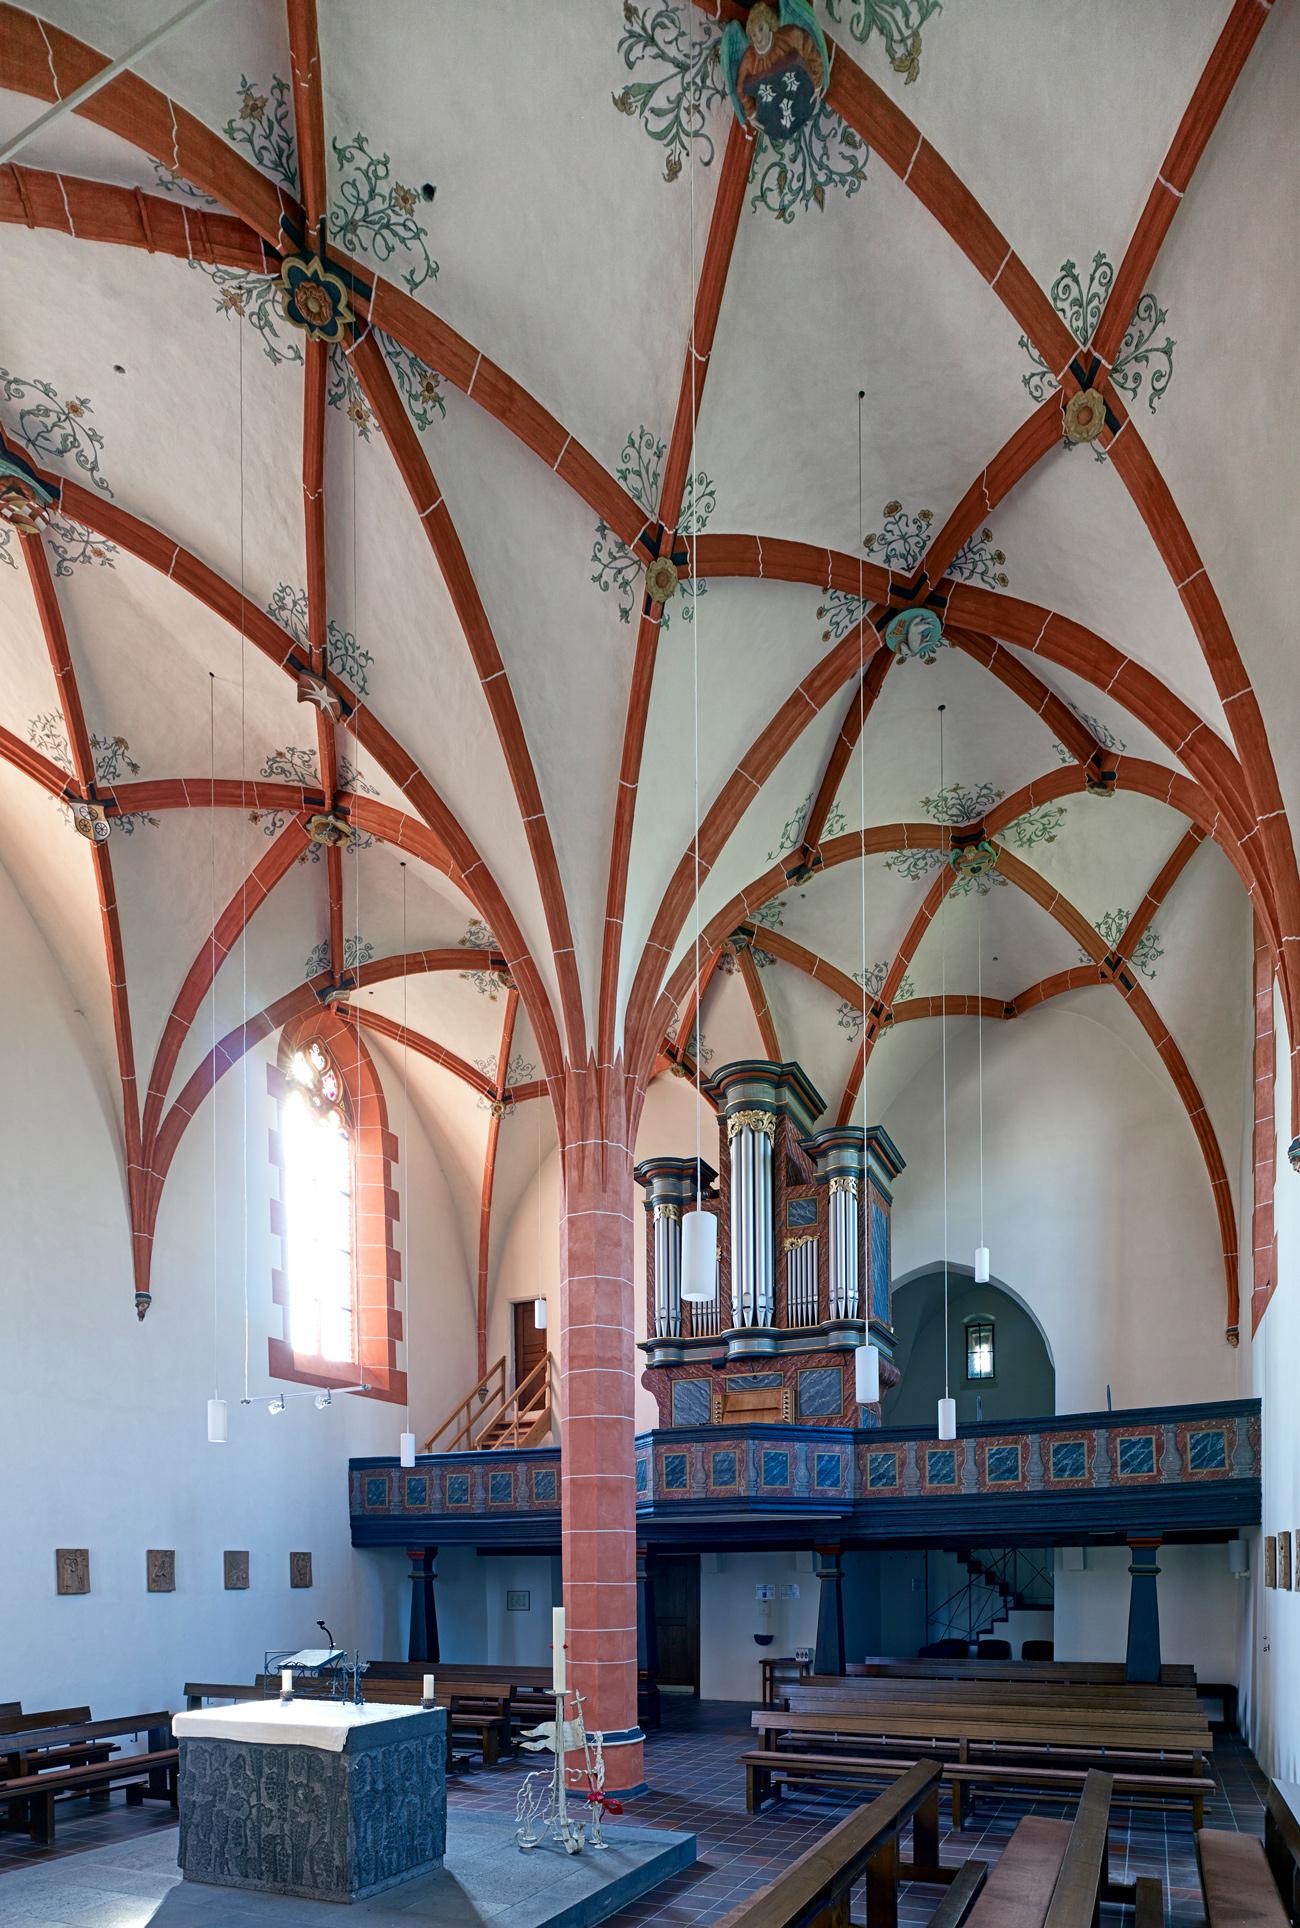 Kirche Mater Dolorosa, Driesch Sanierung